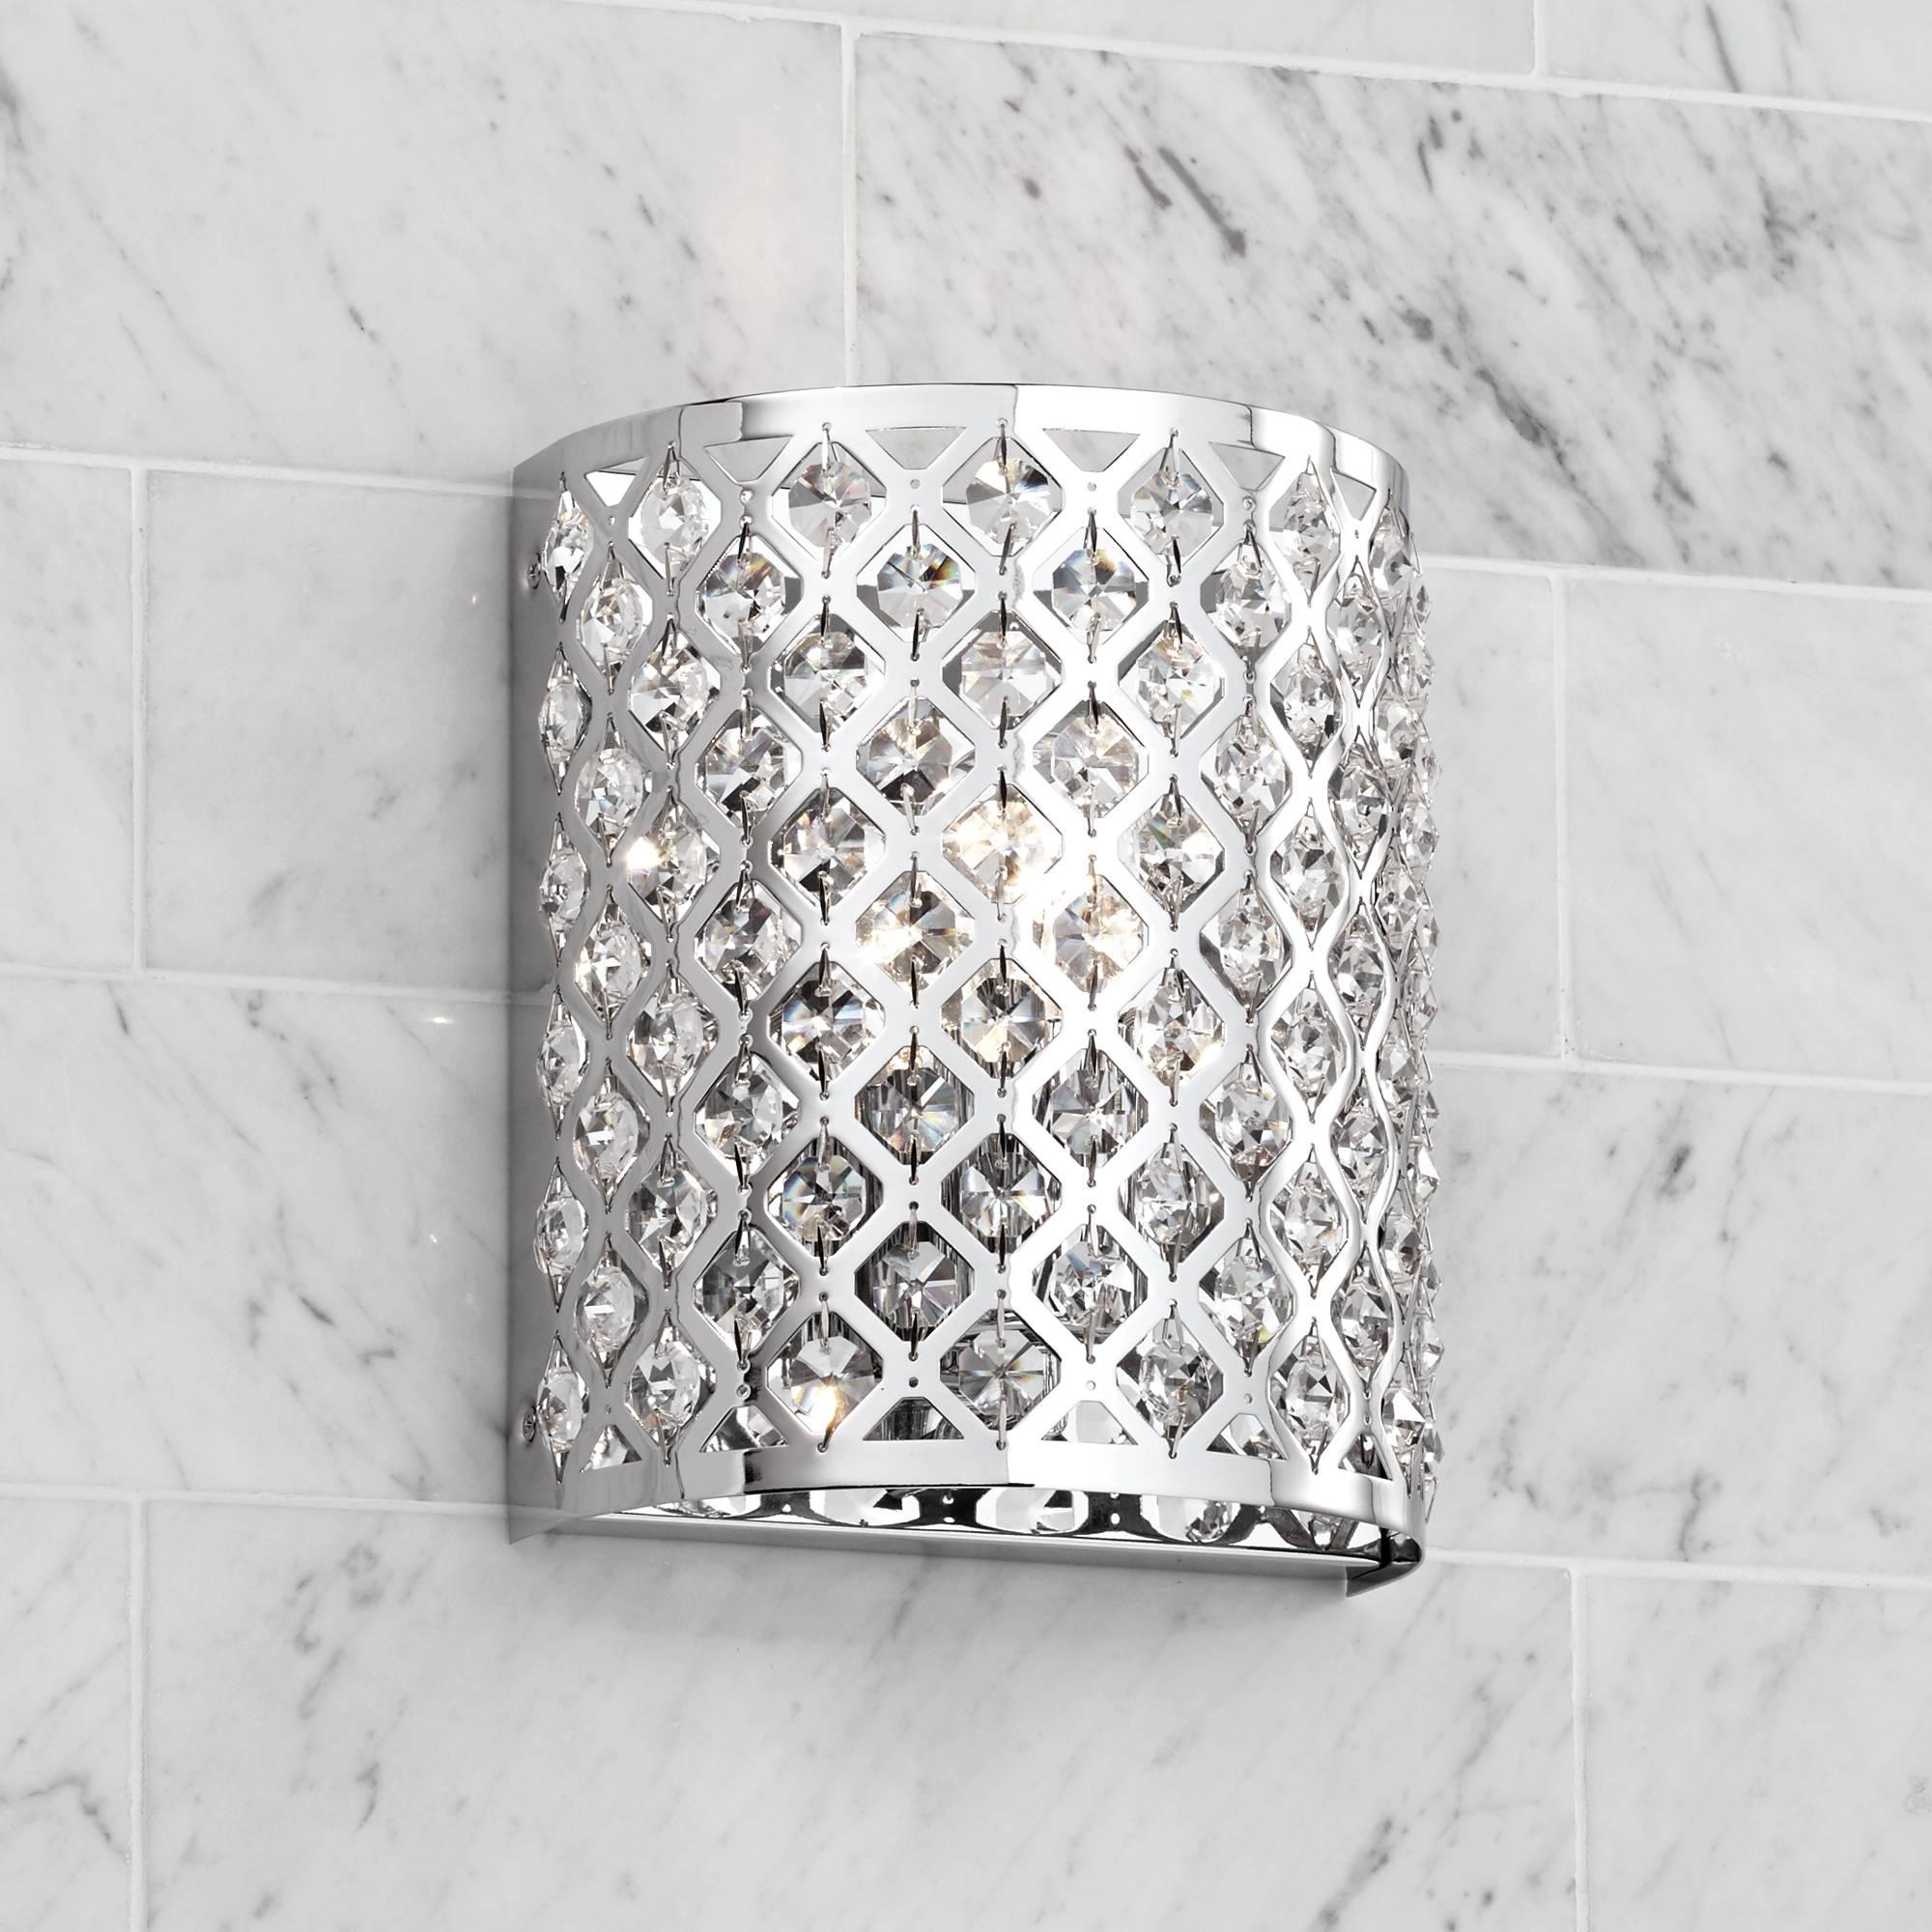 Modern Wall Light Sconce Chrome 8 1 2